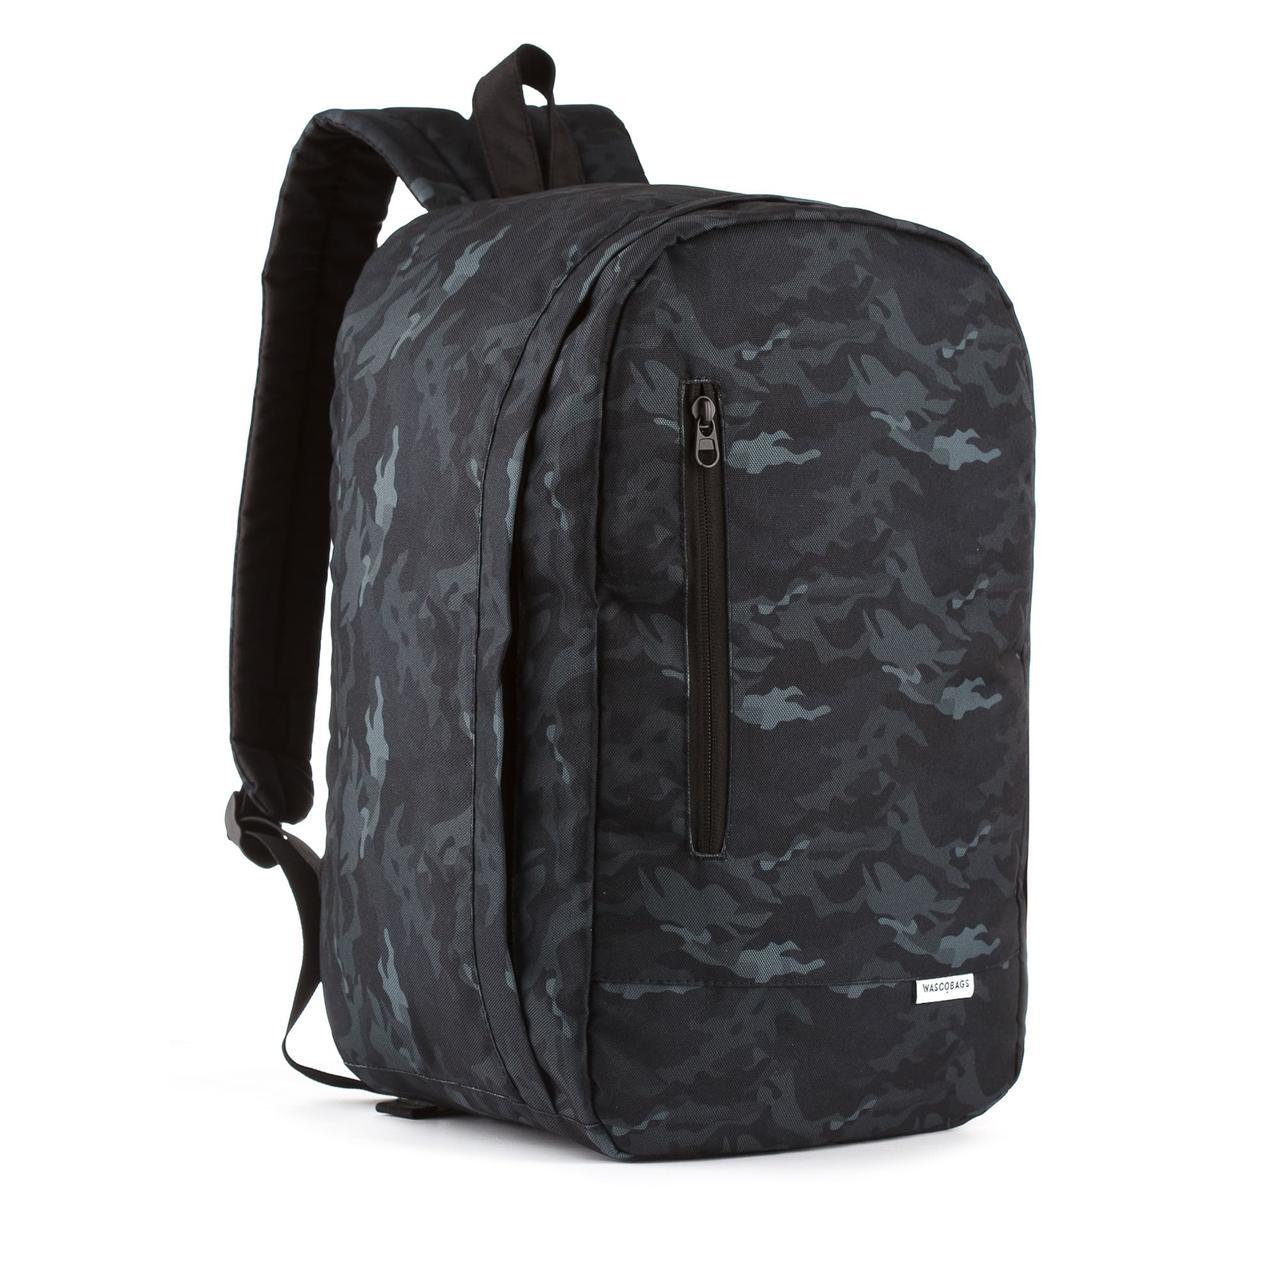 Рюкзак для ручной клади Wascobags 40x25x20 Prague Camo